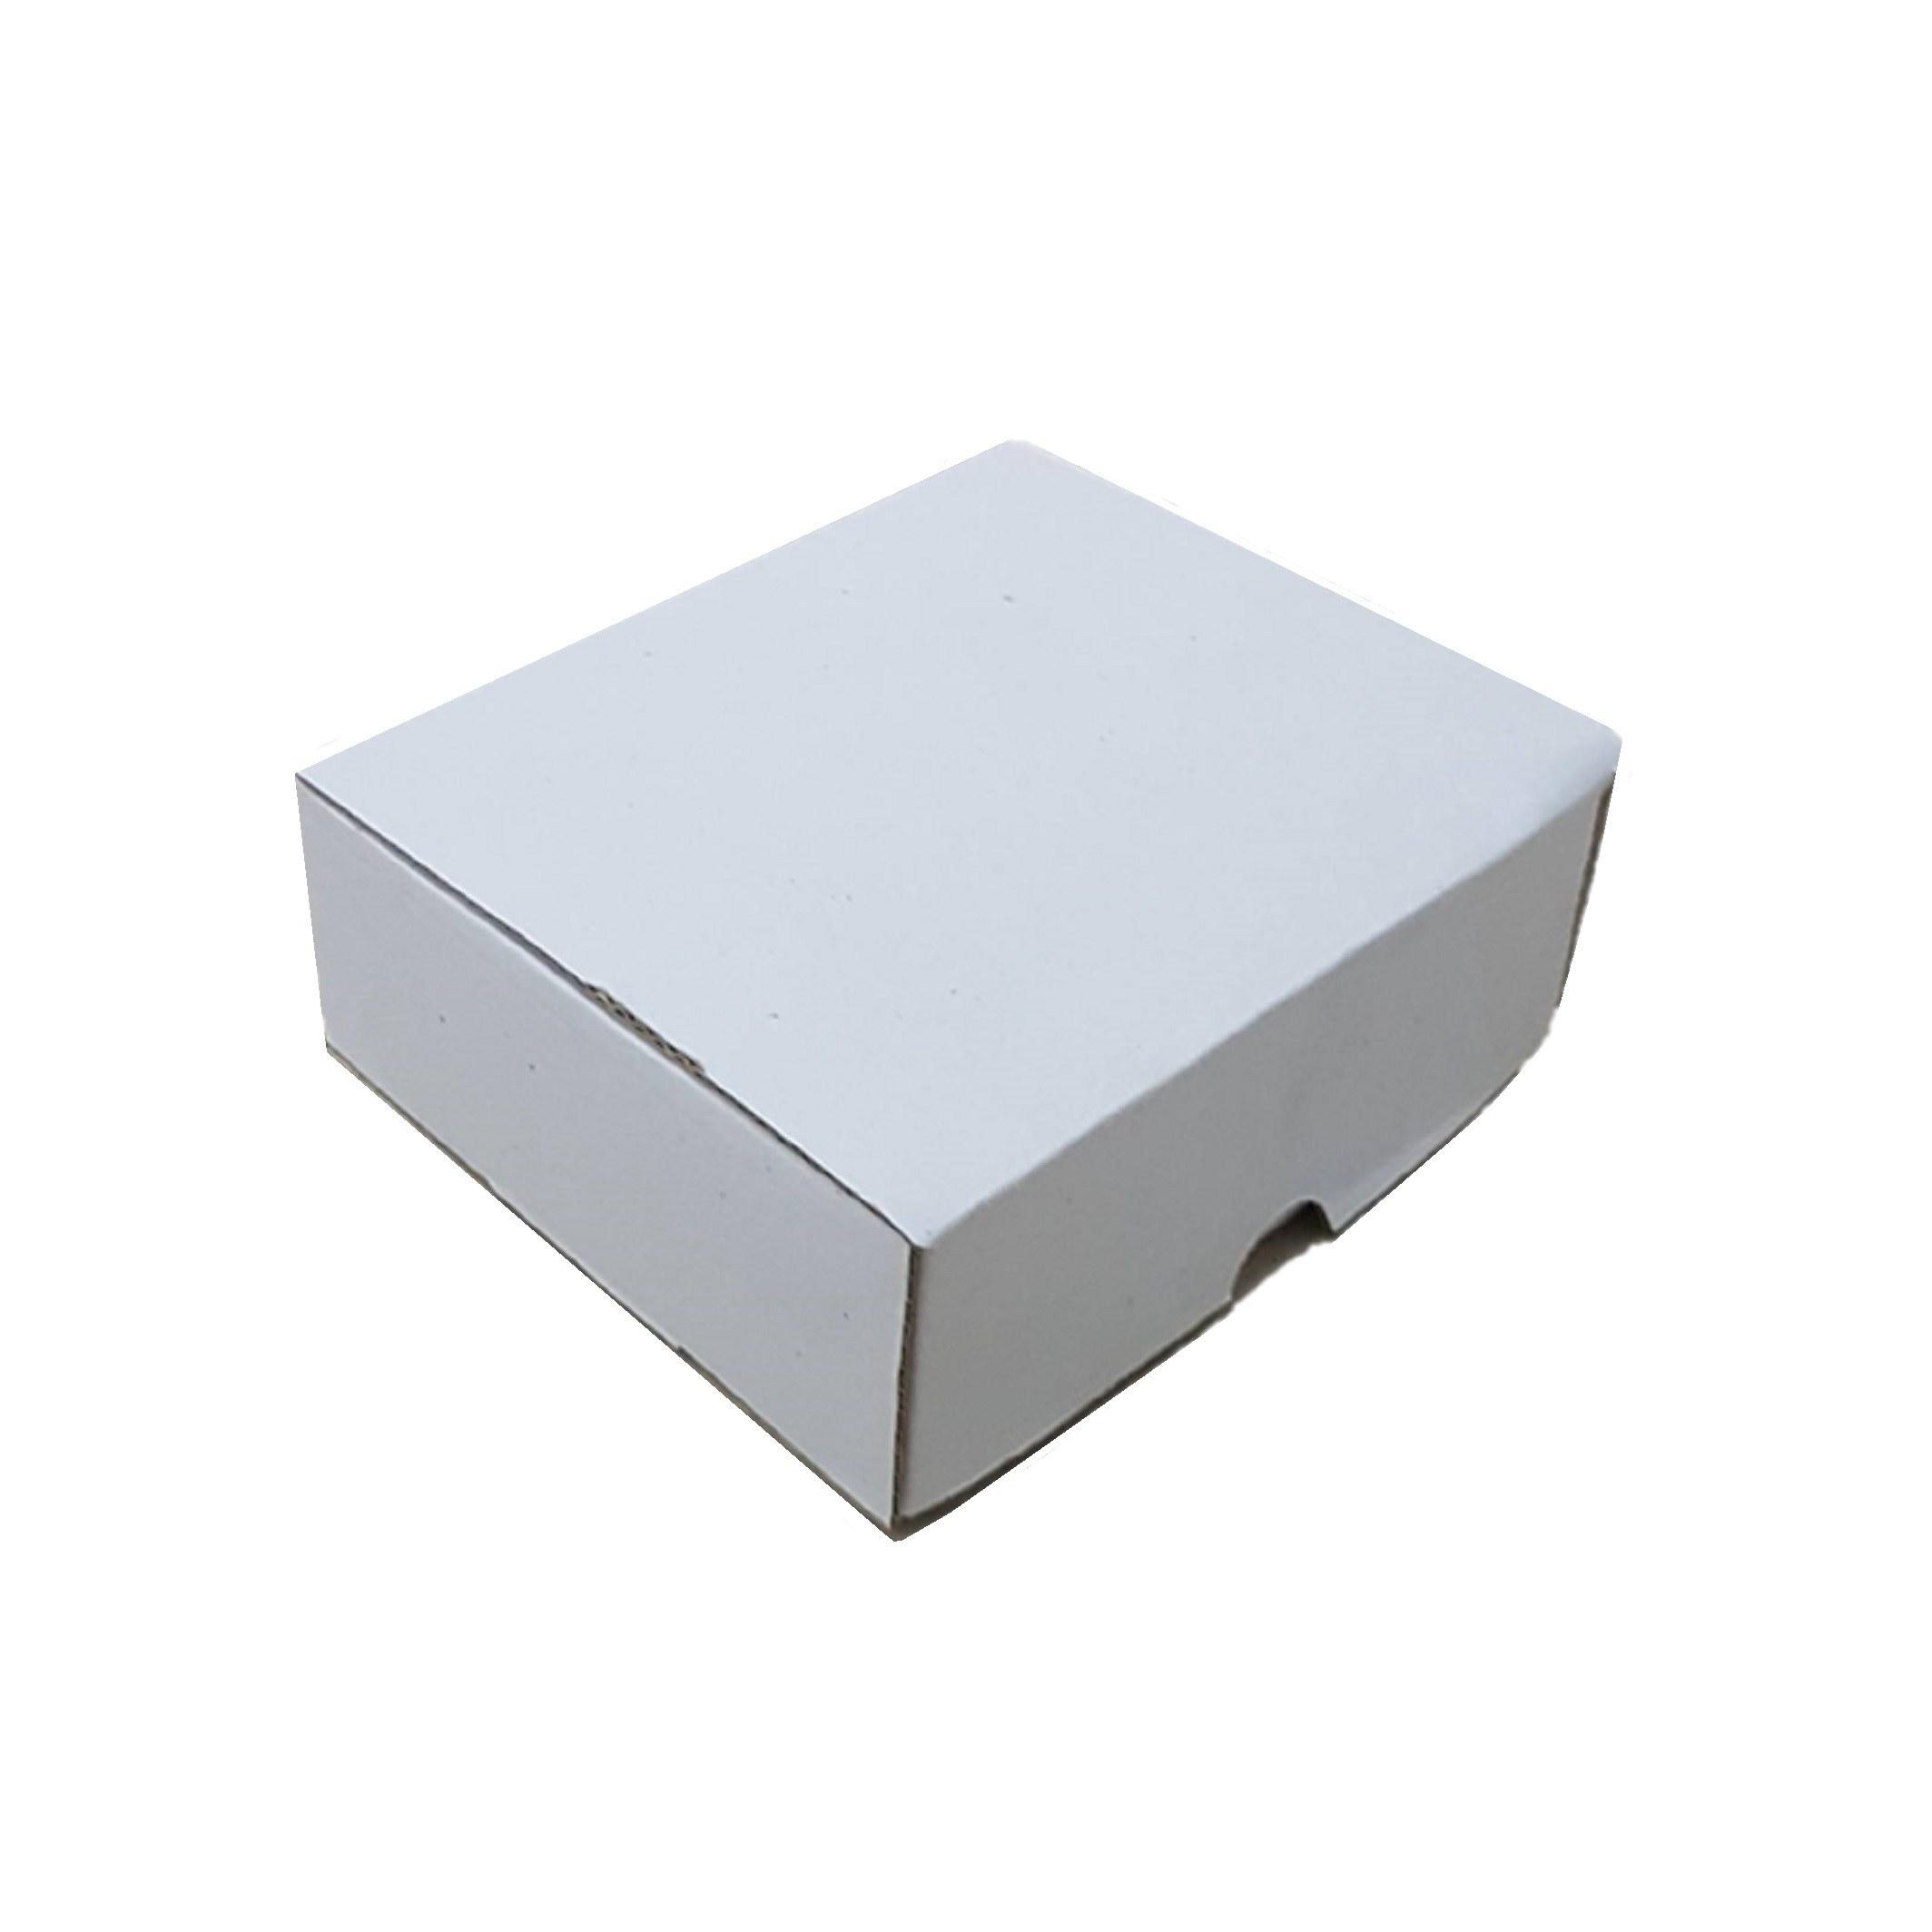 تصویر جعبه بسته بندی مدل GB014 بسته 10 عددی